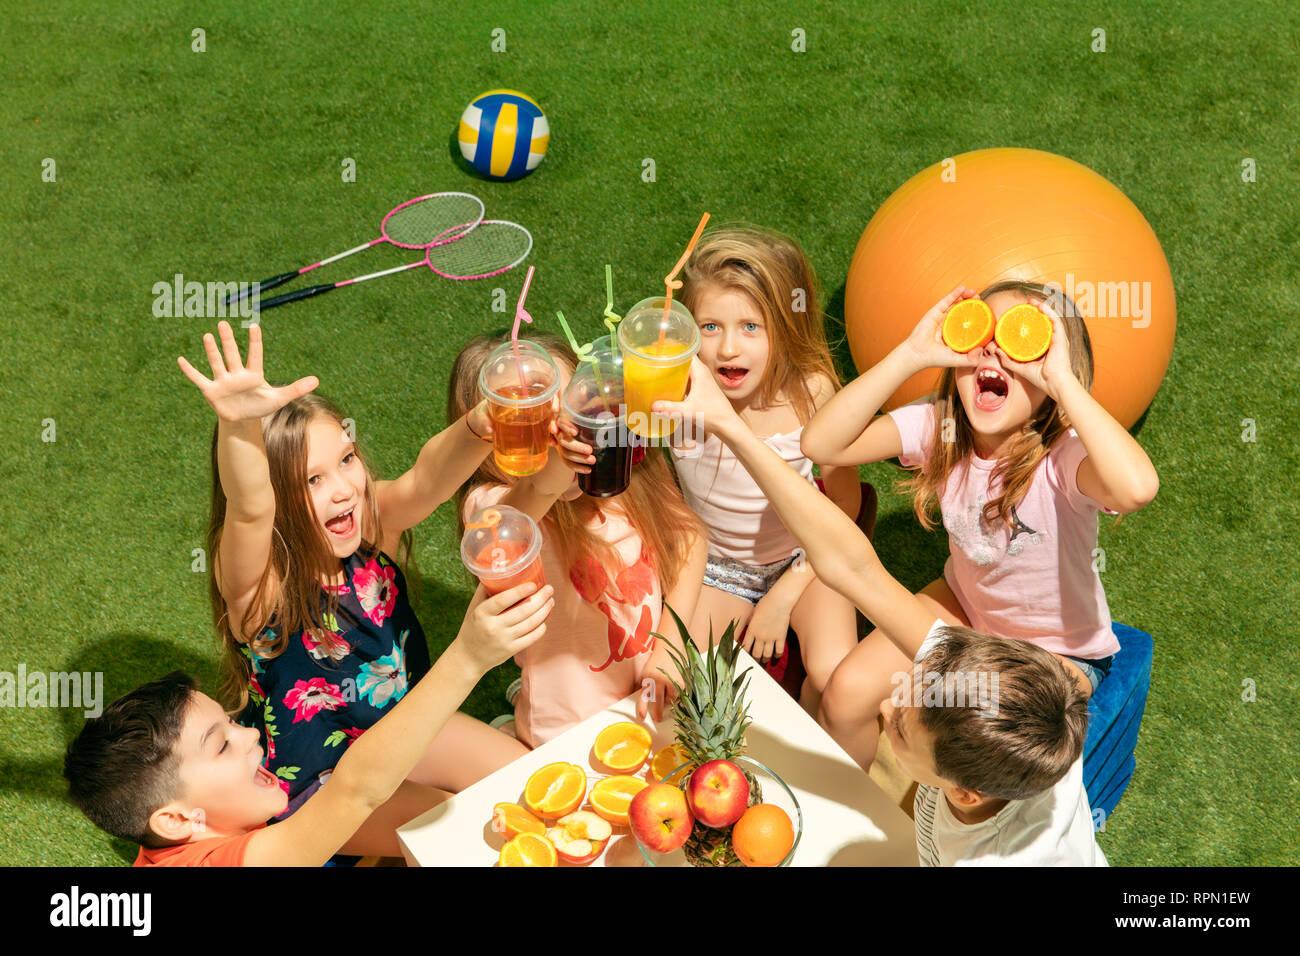 Kids Teen Ragazze Gruppo Fashion ConceptIl Sul E Di Ragazzi Seduti deBrCxo